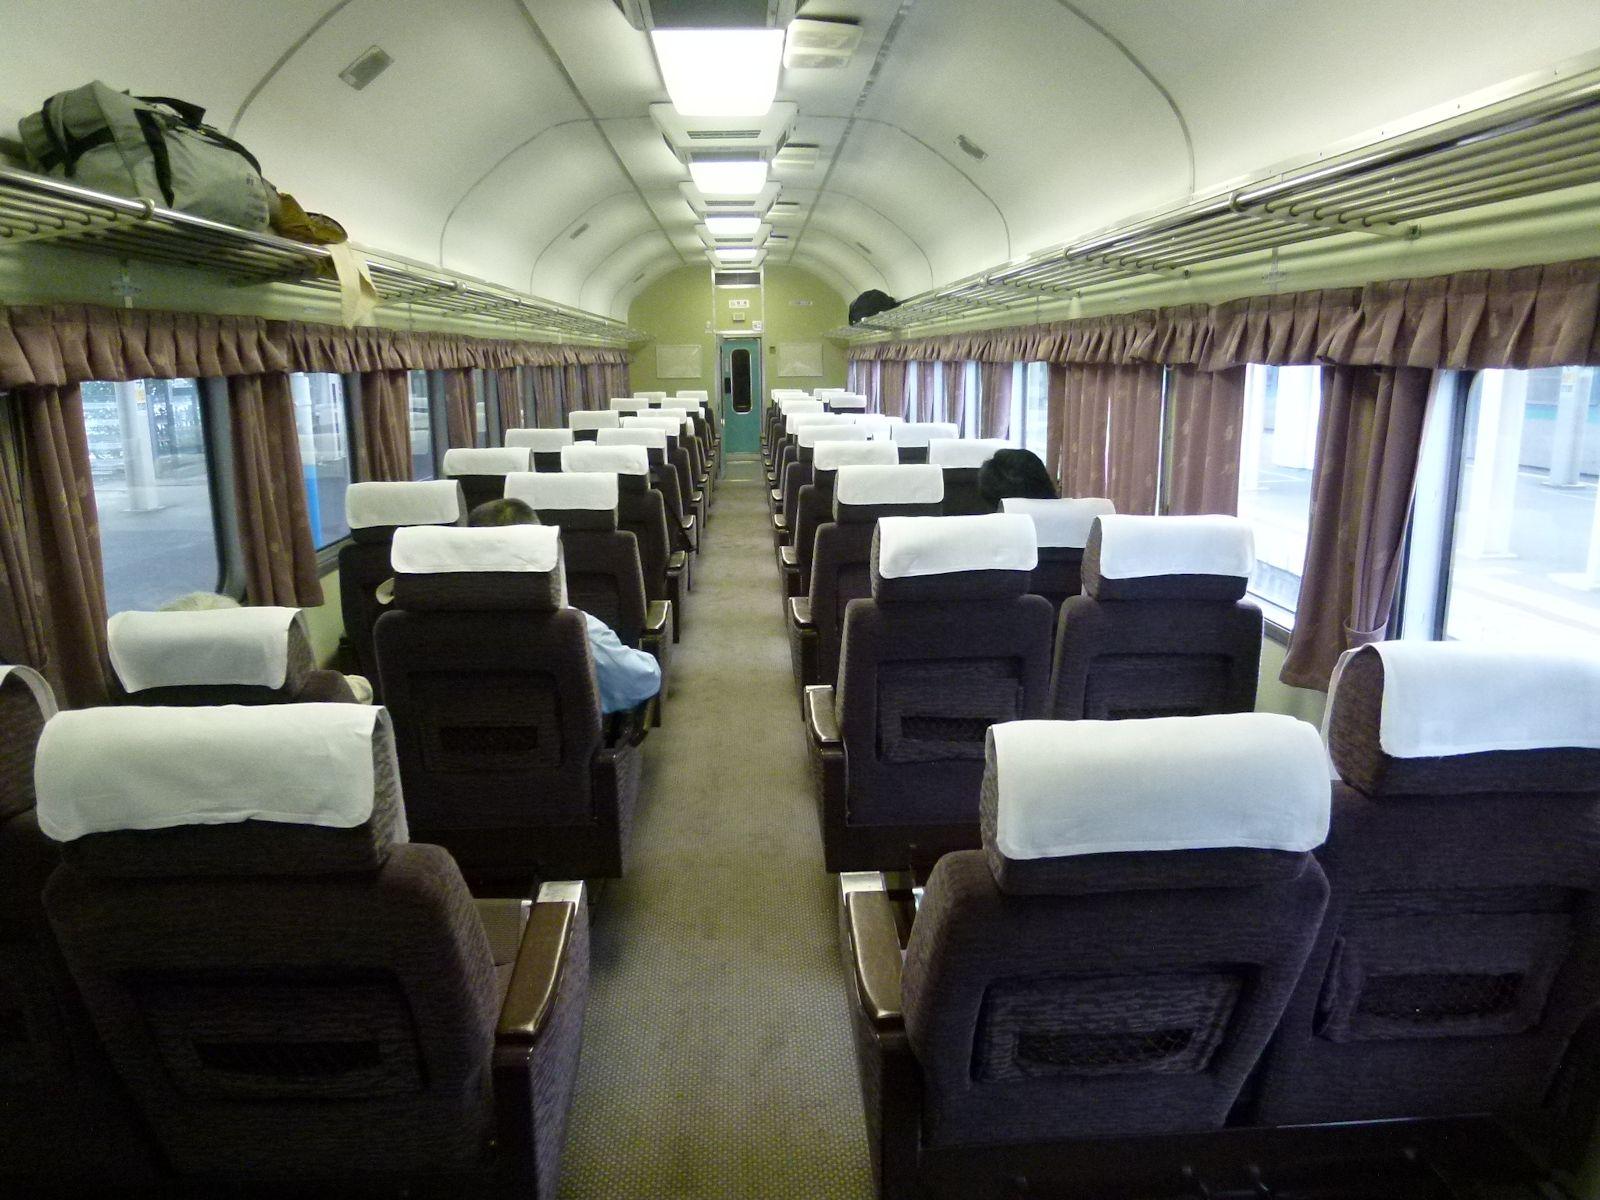 急行きたぐに号の6号車グリーン車の車内(JPG-266k)